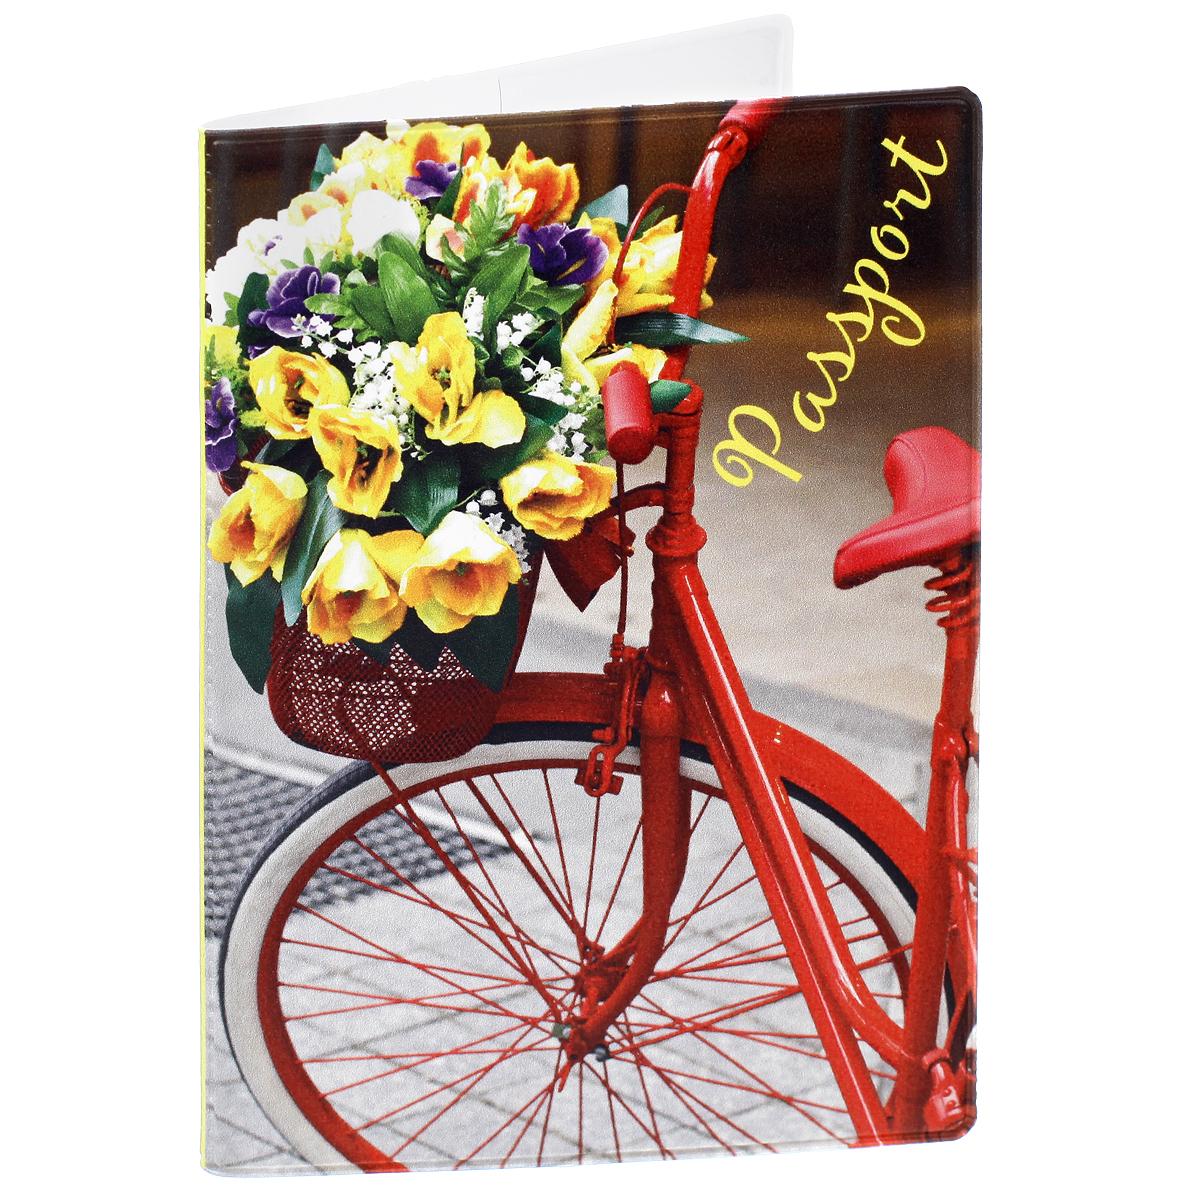 Обложка для паспорта Романтика, цвет: красный, желтый. 35669O.8.TXF.черныйОбложка для паспорта Романтика не только поможет сохранить внешний вид ваших документов и защитить их от повреждений, но и станет стильным аксессуаром, идеально подходящим вашему образу. Обложка выполнена из поливинилхлорида и оформлена оригинальным изображением велосипеда с корзиной цветов . Внутри имеет два вертикальных кармана из прозрачного пластика. Такая обложка поможет вам подчеркнуть свою индивидуальность и неповторимость!